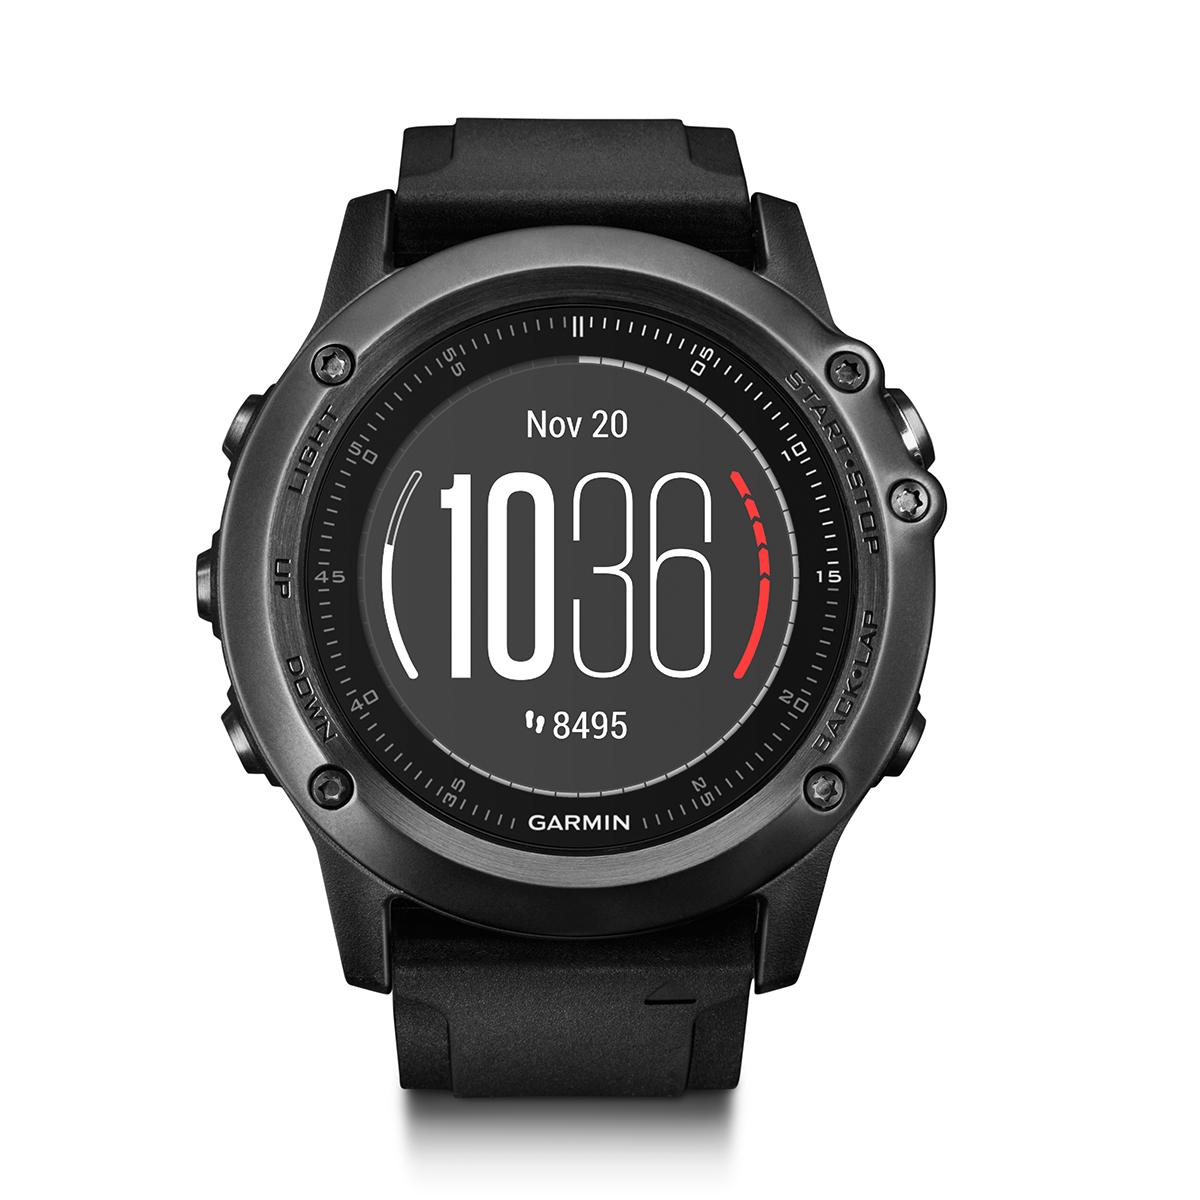 Умные часы Garmin Fenix 3 Sapphire HR, цвет: черный, серый. 010-01338-71 фара fenix bc21r